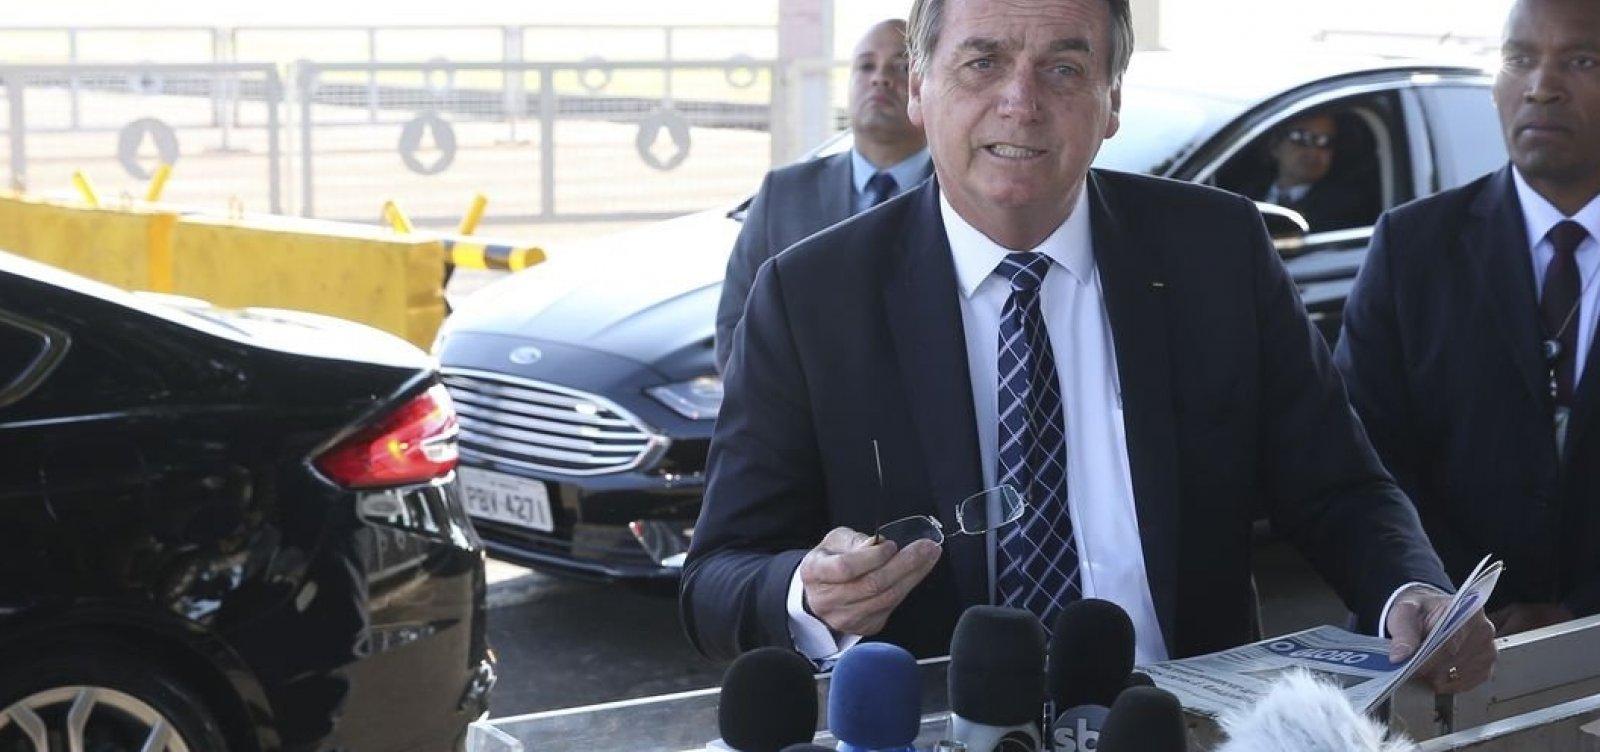 ['Com todo respeito a ele, mas não esteve comigo durante a campanha', escreve Bolsonaro sobre Moro]